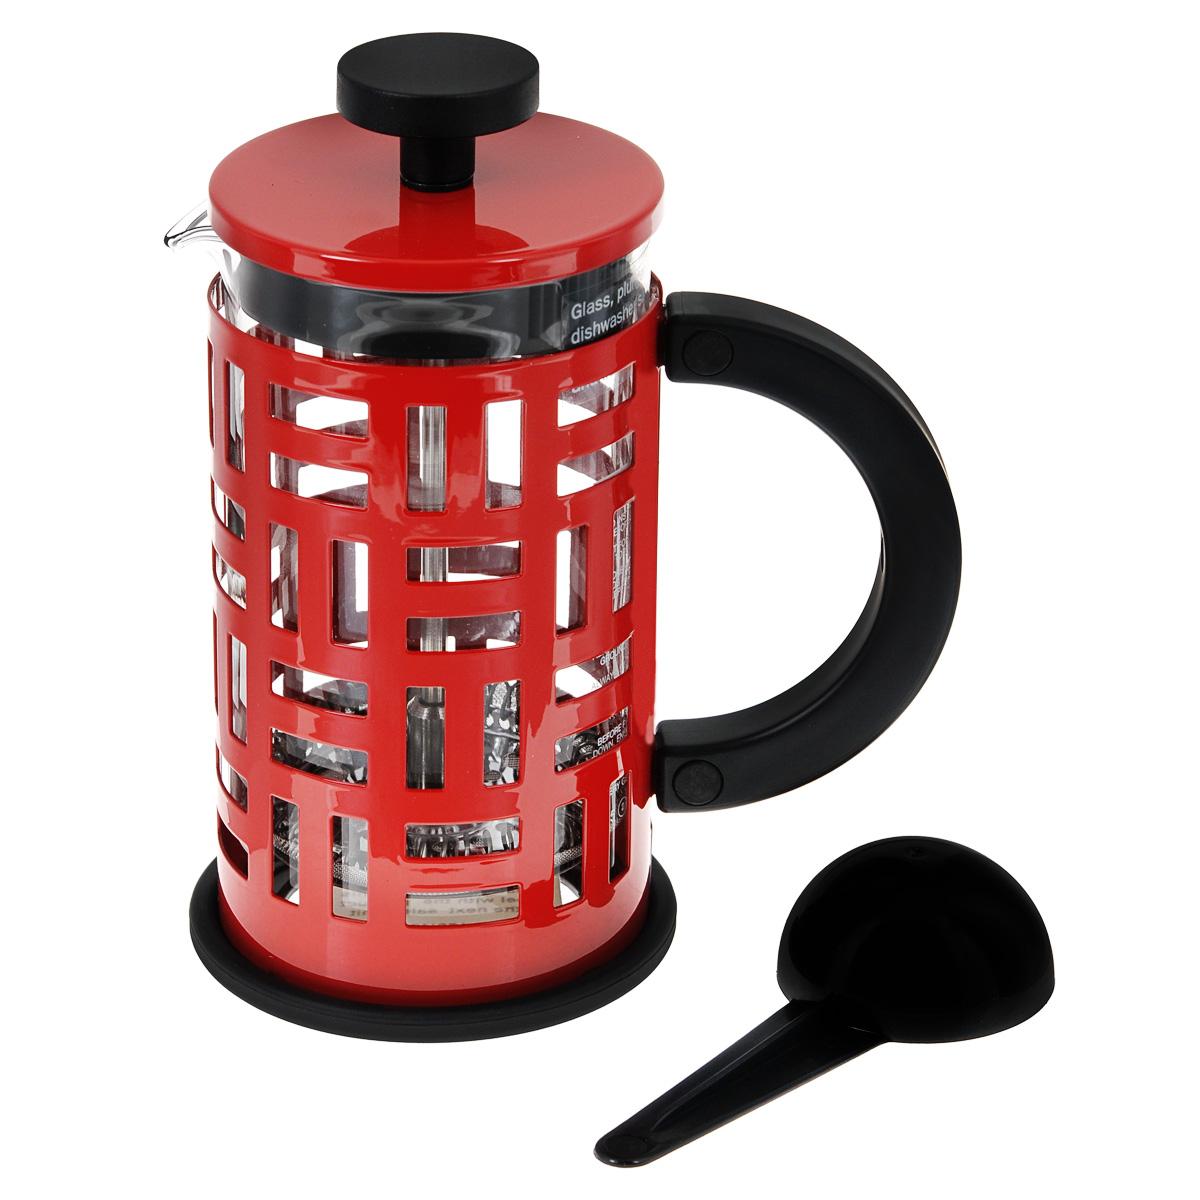 Кофейник Bodum Eileen с прессом, цвет: красный, 350 мл11198-294Кофейник Bodum Eileen имеет жаропрочный, теплосберегающий узкий стеклянный цилиндр и поршень, нижняя часть которого соединена с сетчатым металлическим фильтром. Кофейник изготовлен на основе технологии «френч-пресс». Кофейник Bodum Eileen имеет удобную ручку, изготовленную из пластика. Коспус кофейника, изготовлен из нержавеющей стали, в оригинальном стиле. Свое название кофейник приобрел, благодаря гениальному дизайнеру Эйлин Грей (Eileen Gray) .Стиль Эйлин, схож со стилем Bodum. Она работала с металлом и создавала простые и лаконичные формы. Кофейник можно наблюдать во многих кафе Парижа. Кофейник с прессом Bodum Eileen добавит вашему домашнему интерьеру французского шарма. Не применять на плите. Мешать кофе пластмассовой ложкой (входит в комплект). Сильно не давить на пресс. Все детали пригодны для мытья в посудомоечной машине. Диаметр чайника: 8 см. Высота: 16,5 см.